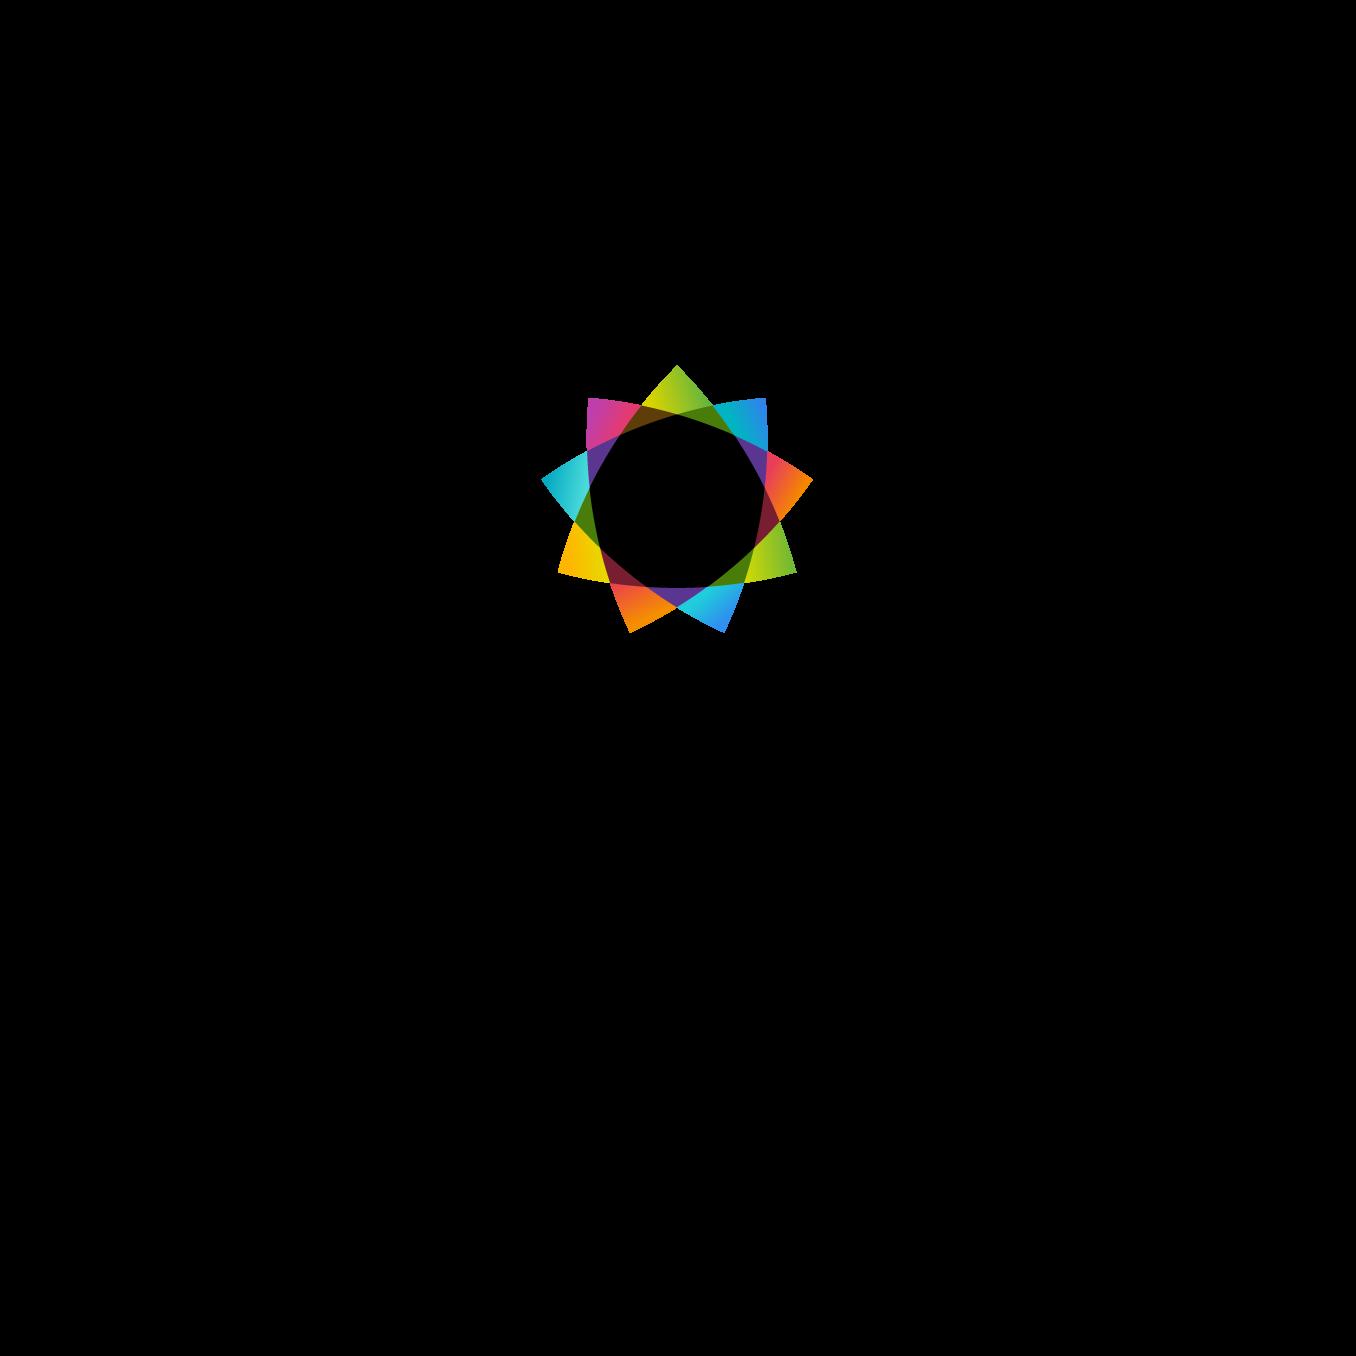 O.C. Tanner Company Company Logo